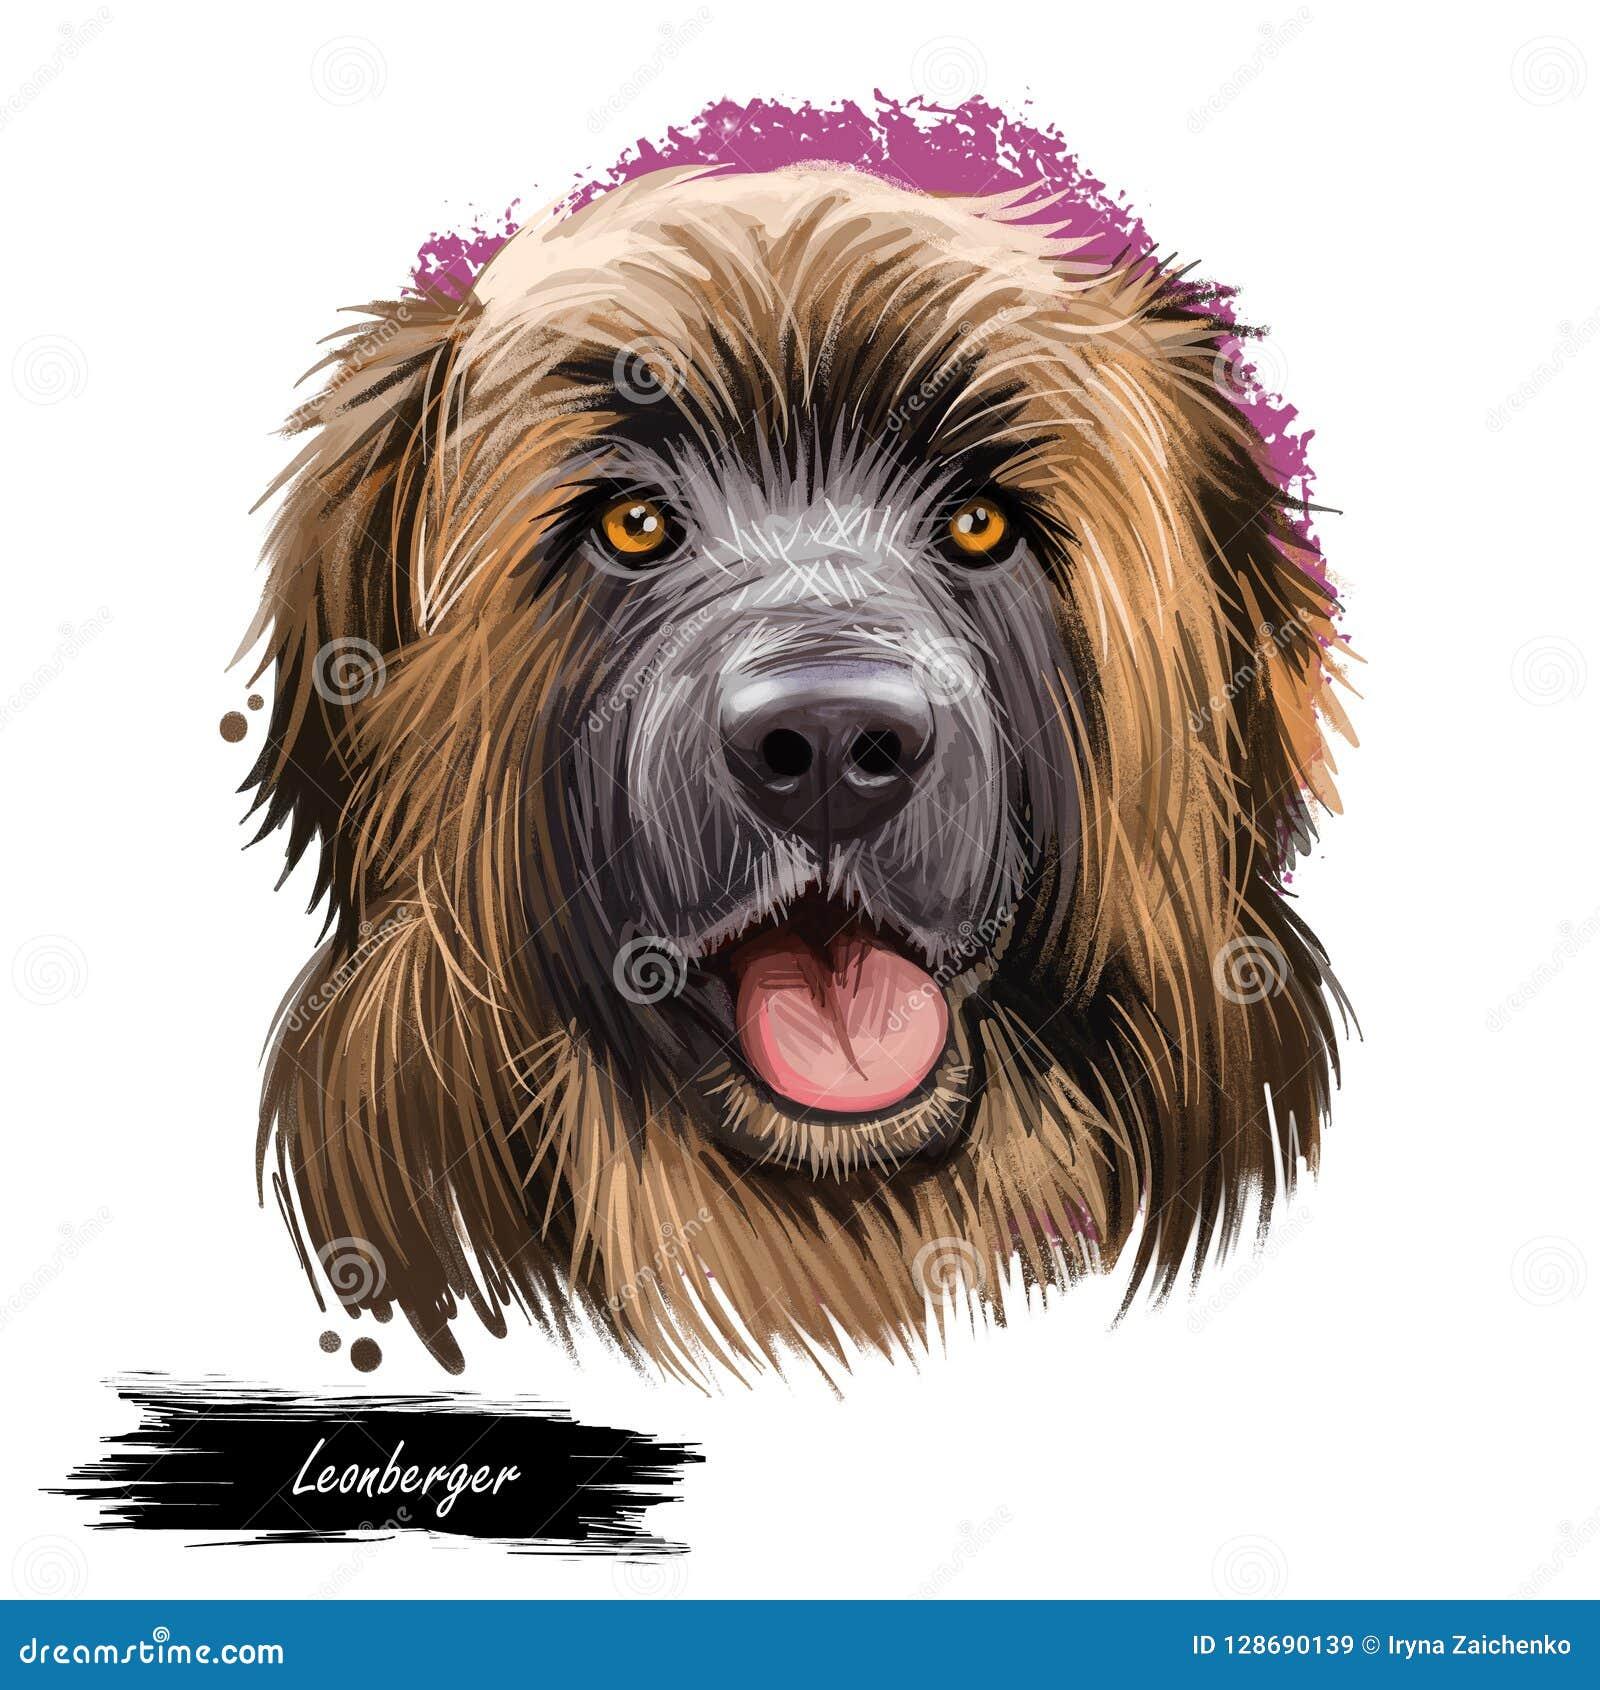 Do retrato gigante do close up da raça do cão da montanha de Leonberger ilustração digital da arte Puro-sangue delicado de leo do